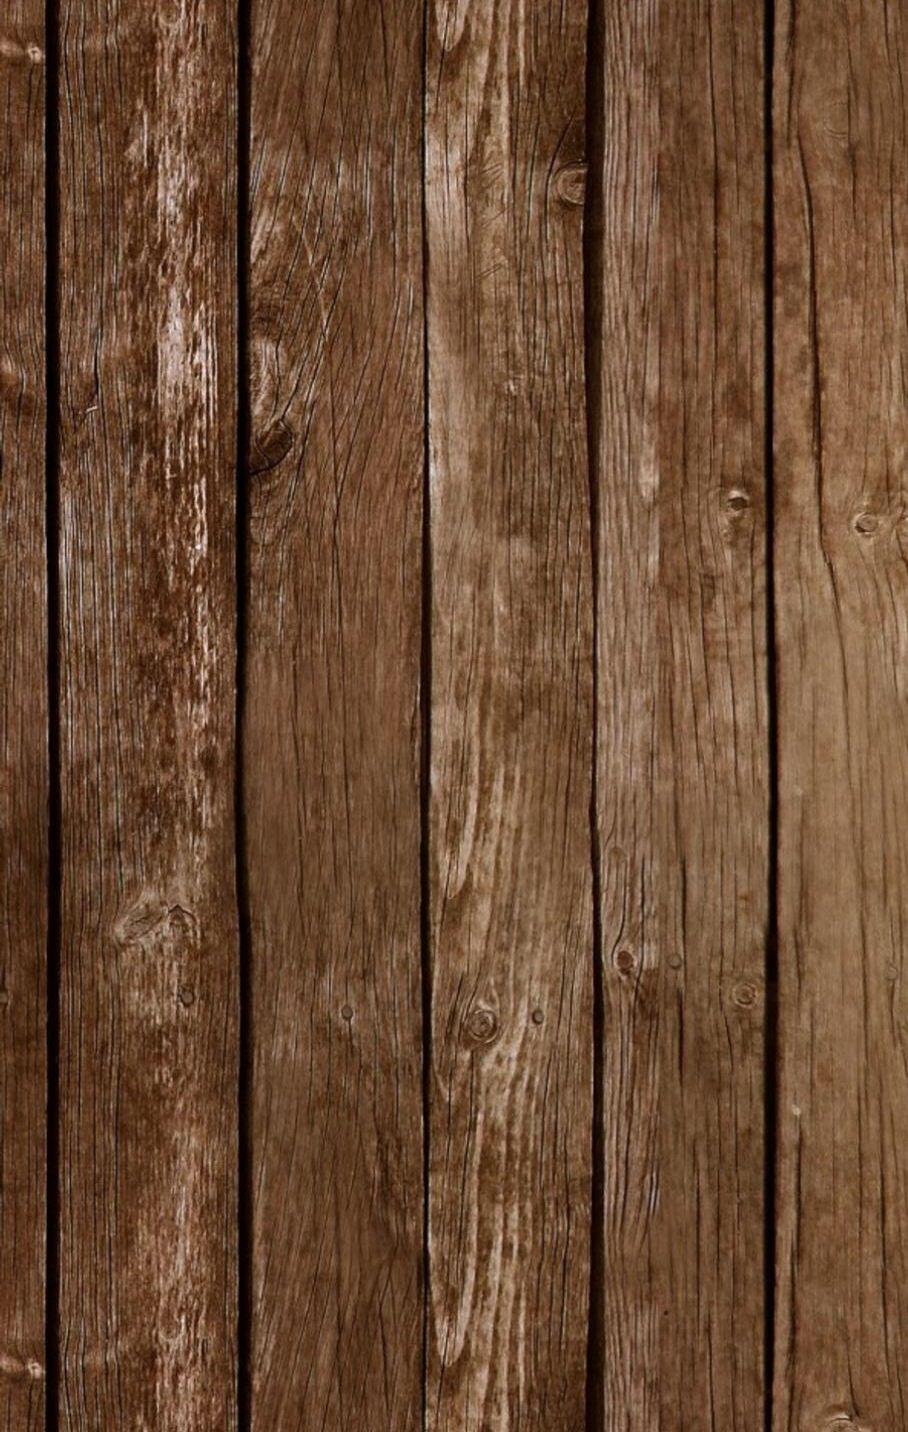 Wood iphone wallpaper | iPhone wallpapers | Achtergronden, Vintage achtergronden e Bruin